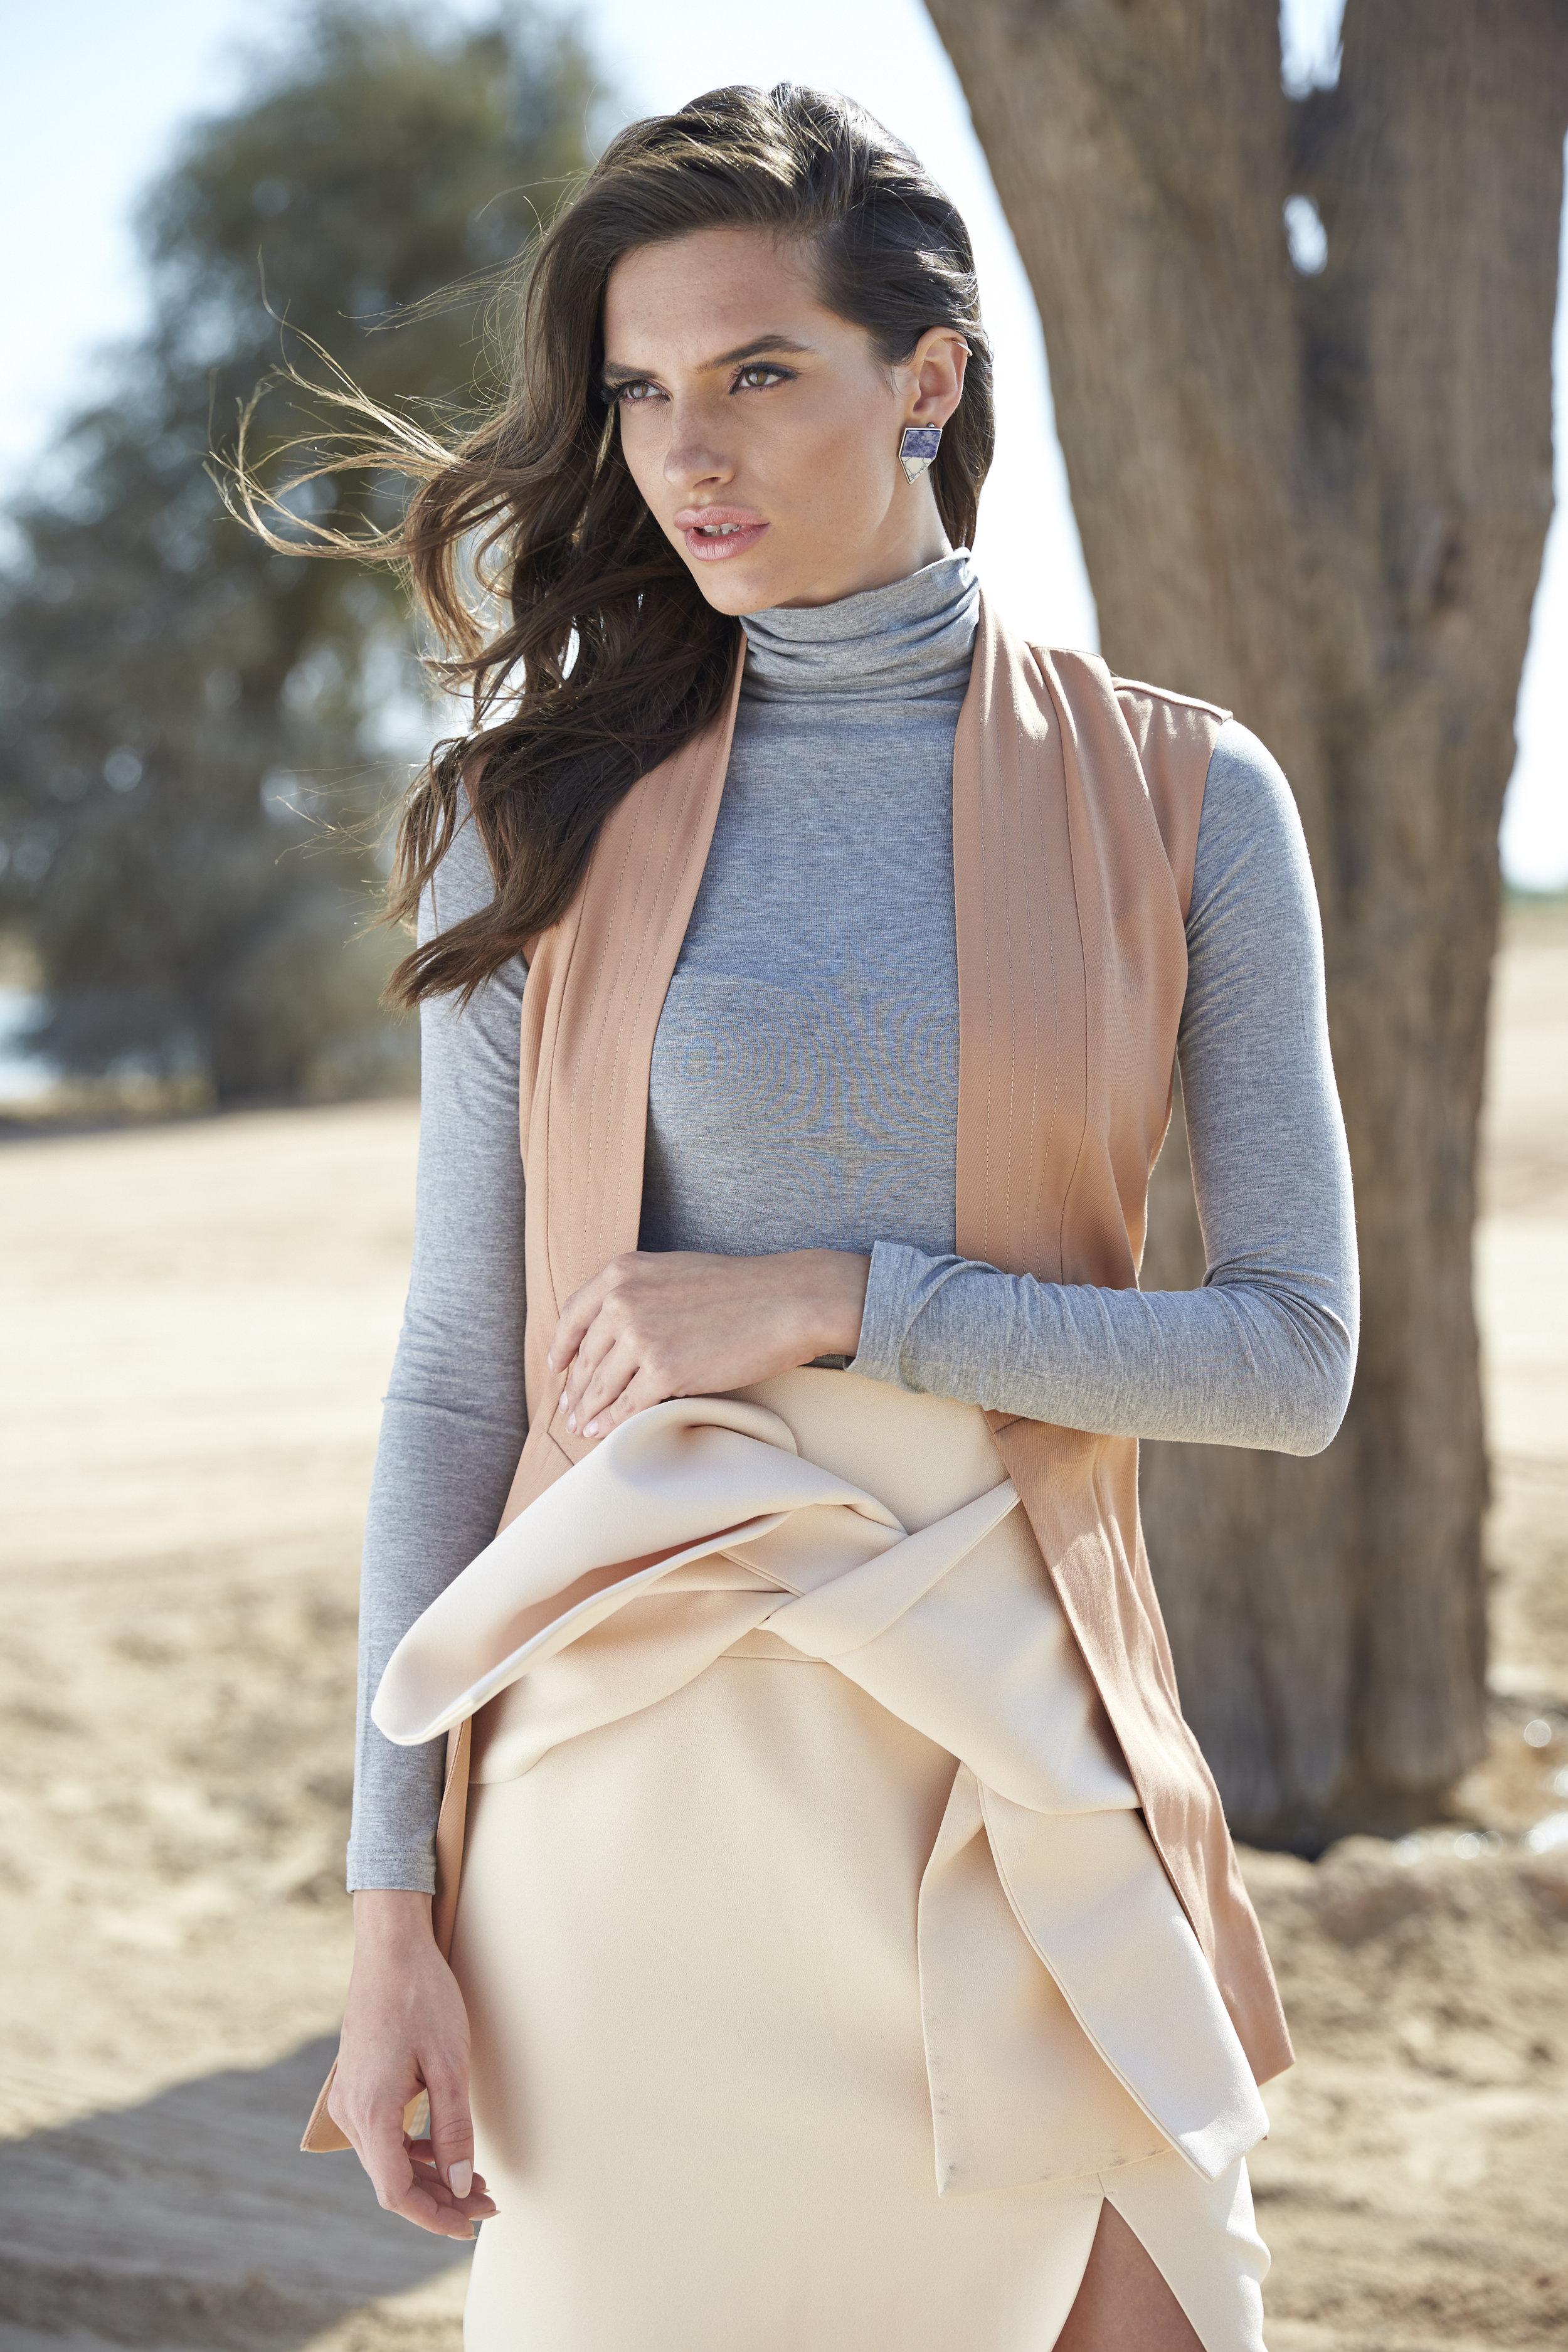 FR_160105_Fashion_winter_STEFAN081.jpg